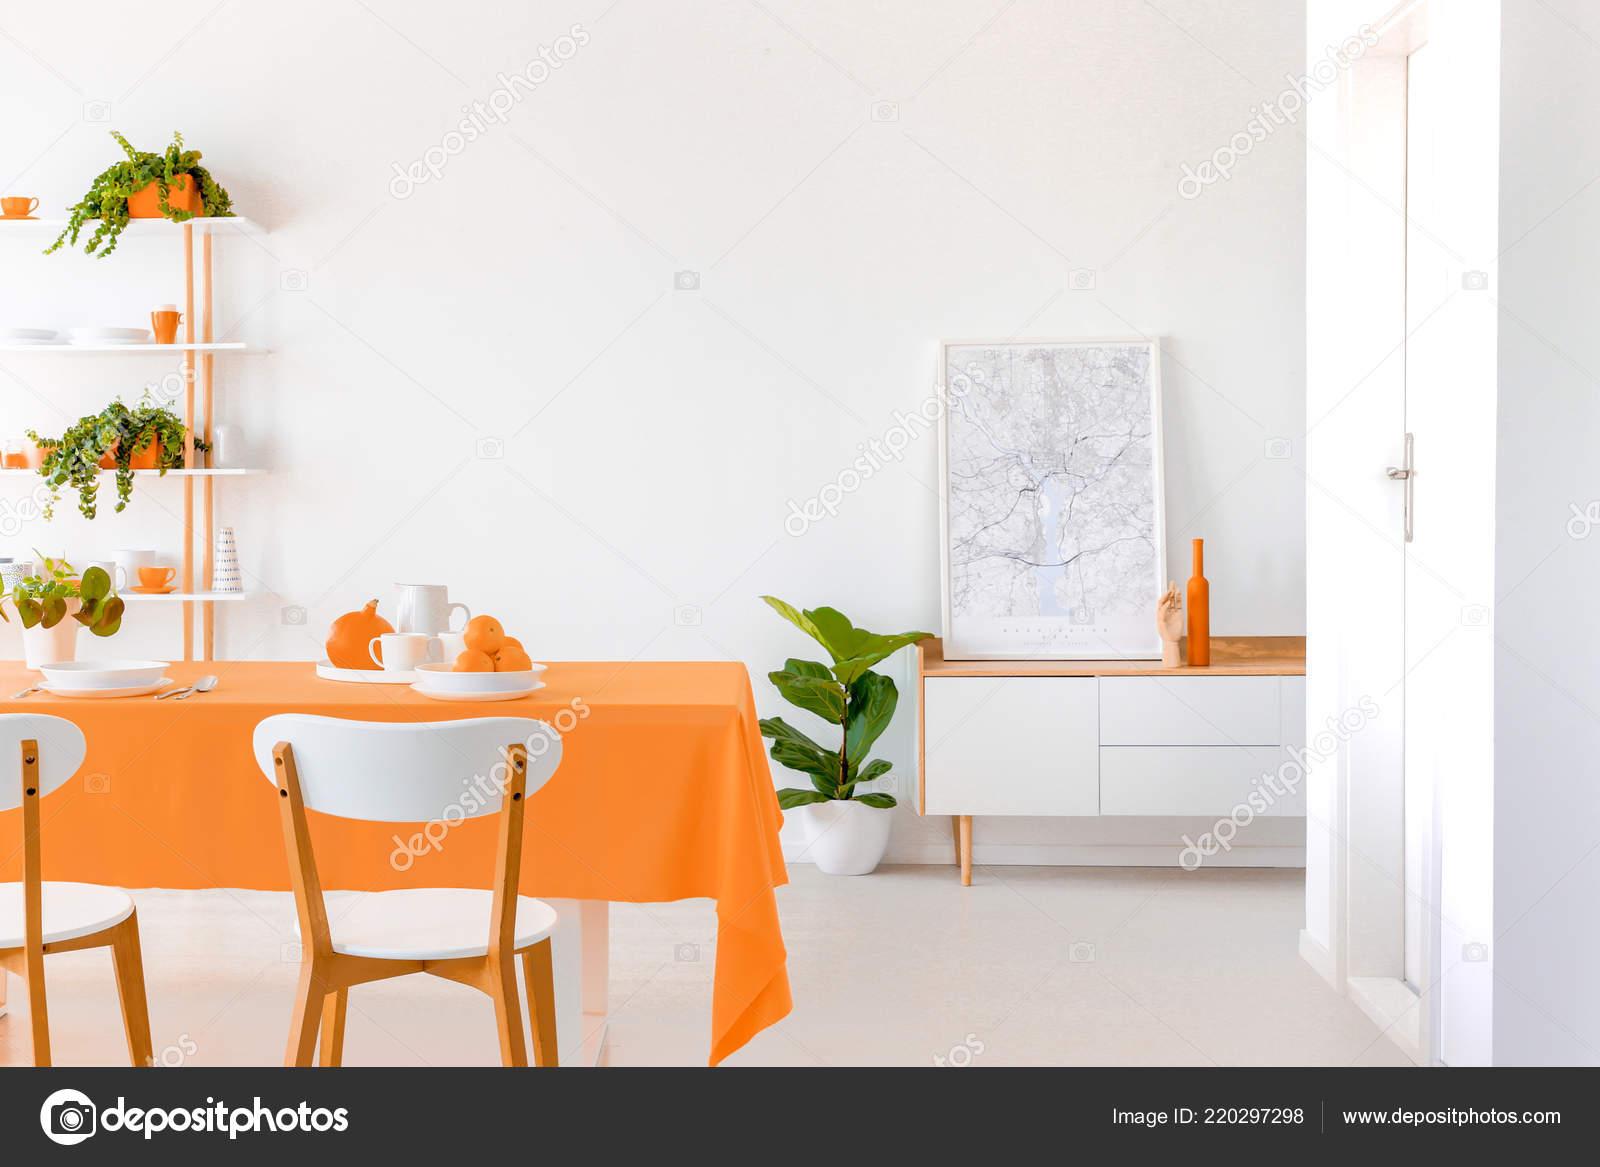 Witte Eetkamer Stoel : Planten naast kabinet met poster witte eetkamer interieur met